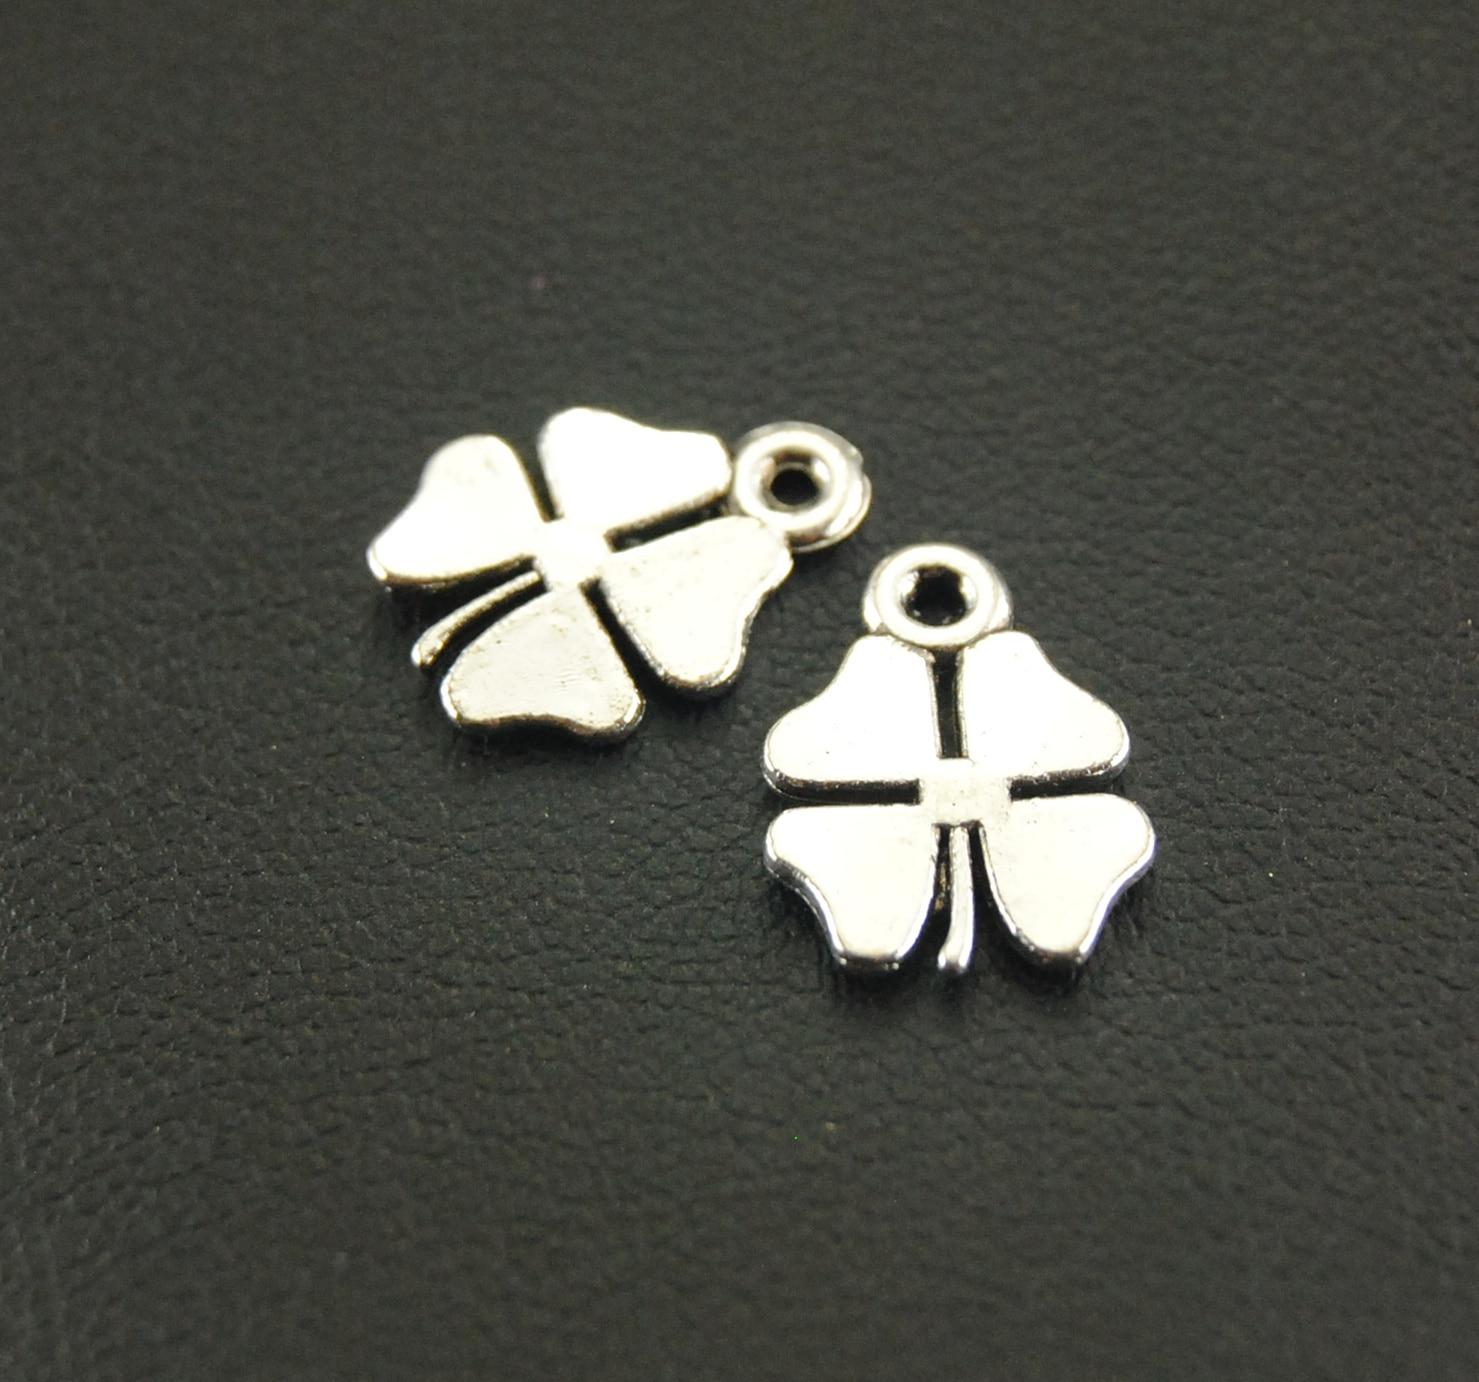 20-pcs-antique-silver-mini-fontb4-b-font-leaf-clover-charms-jewellery-pendant-for-bracelet-necklace-